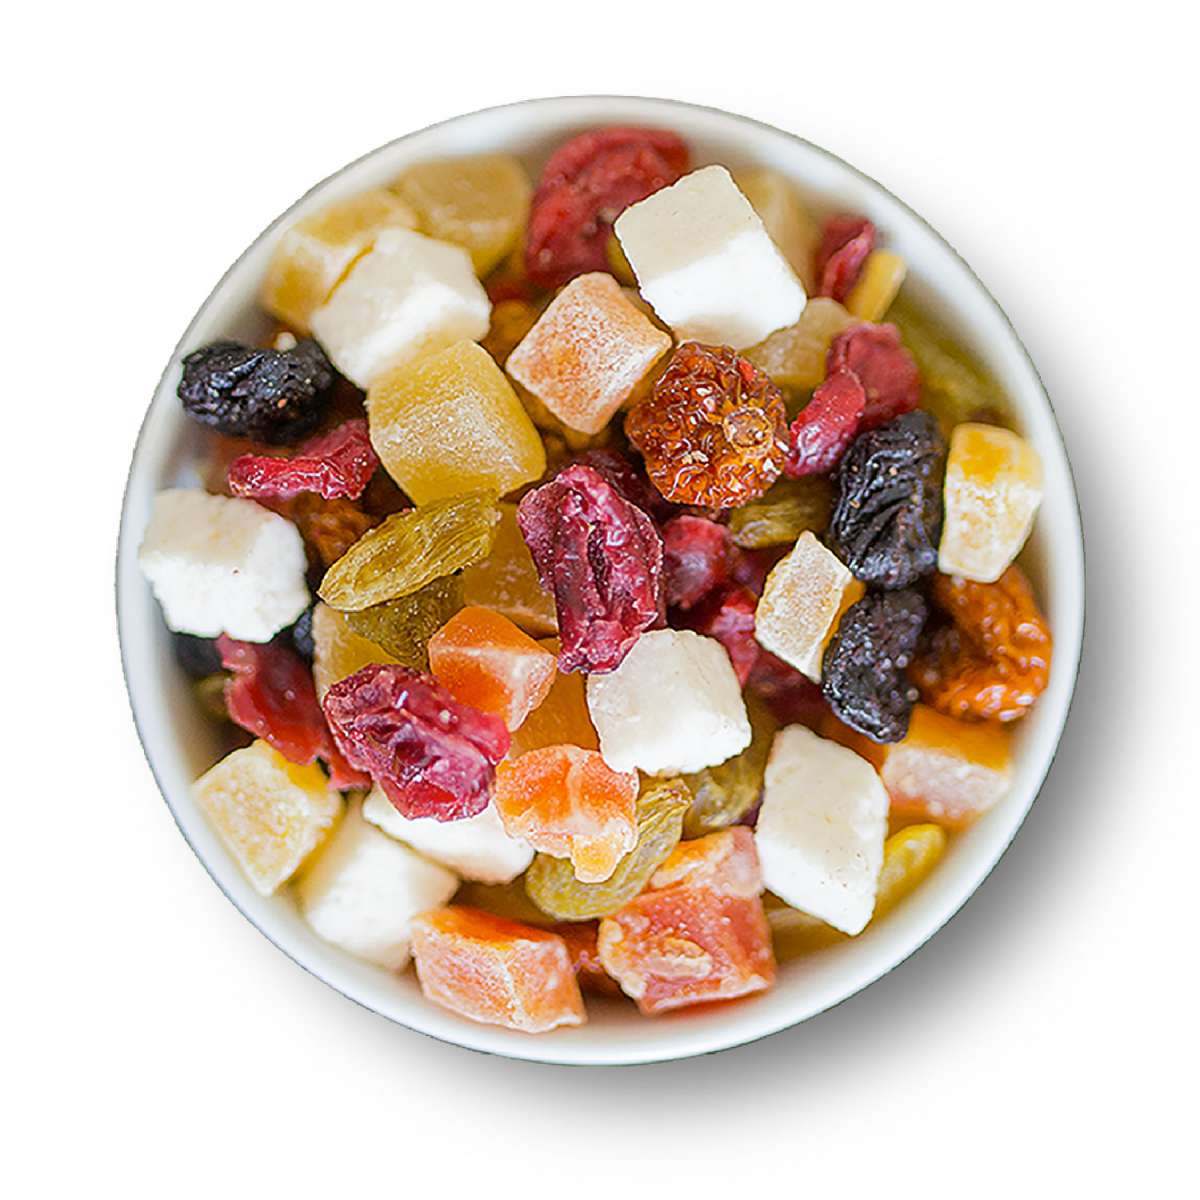 1001 Frucht - Edle Früchtemischung | Trockenfrüchte